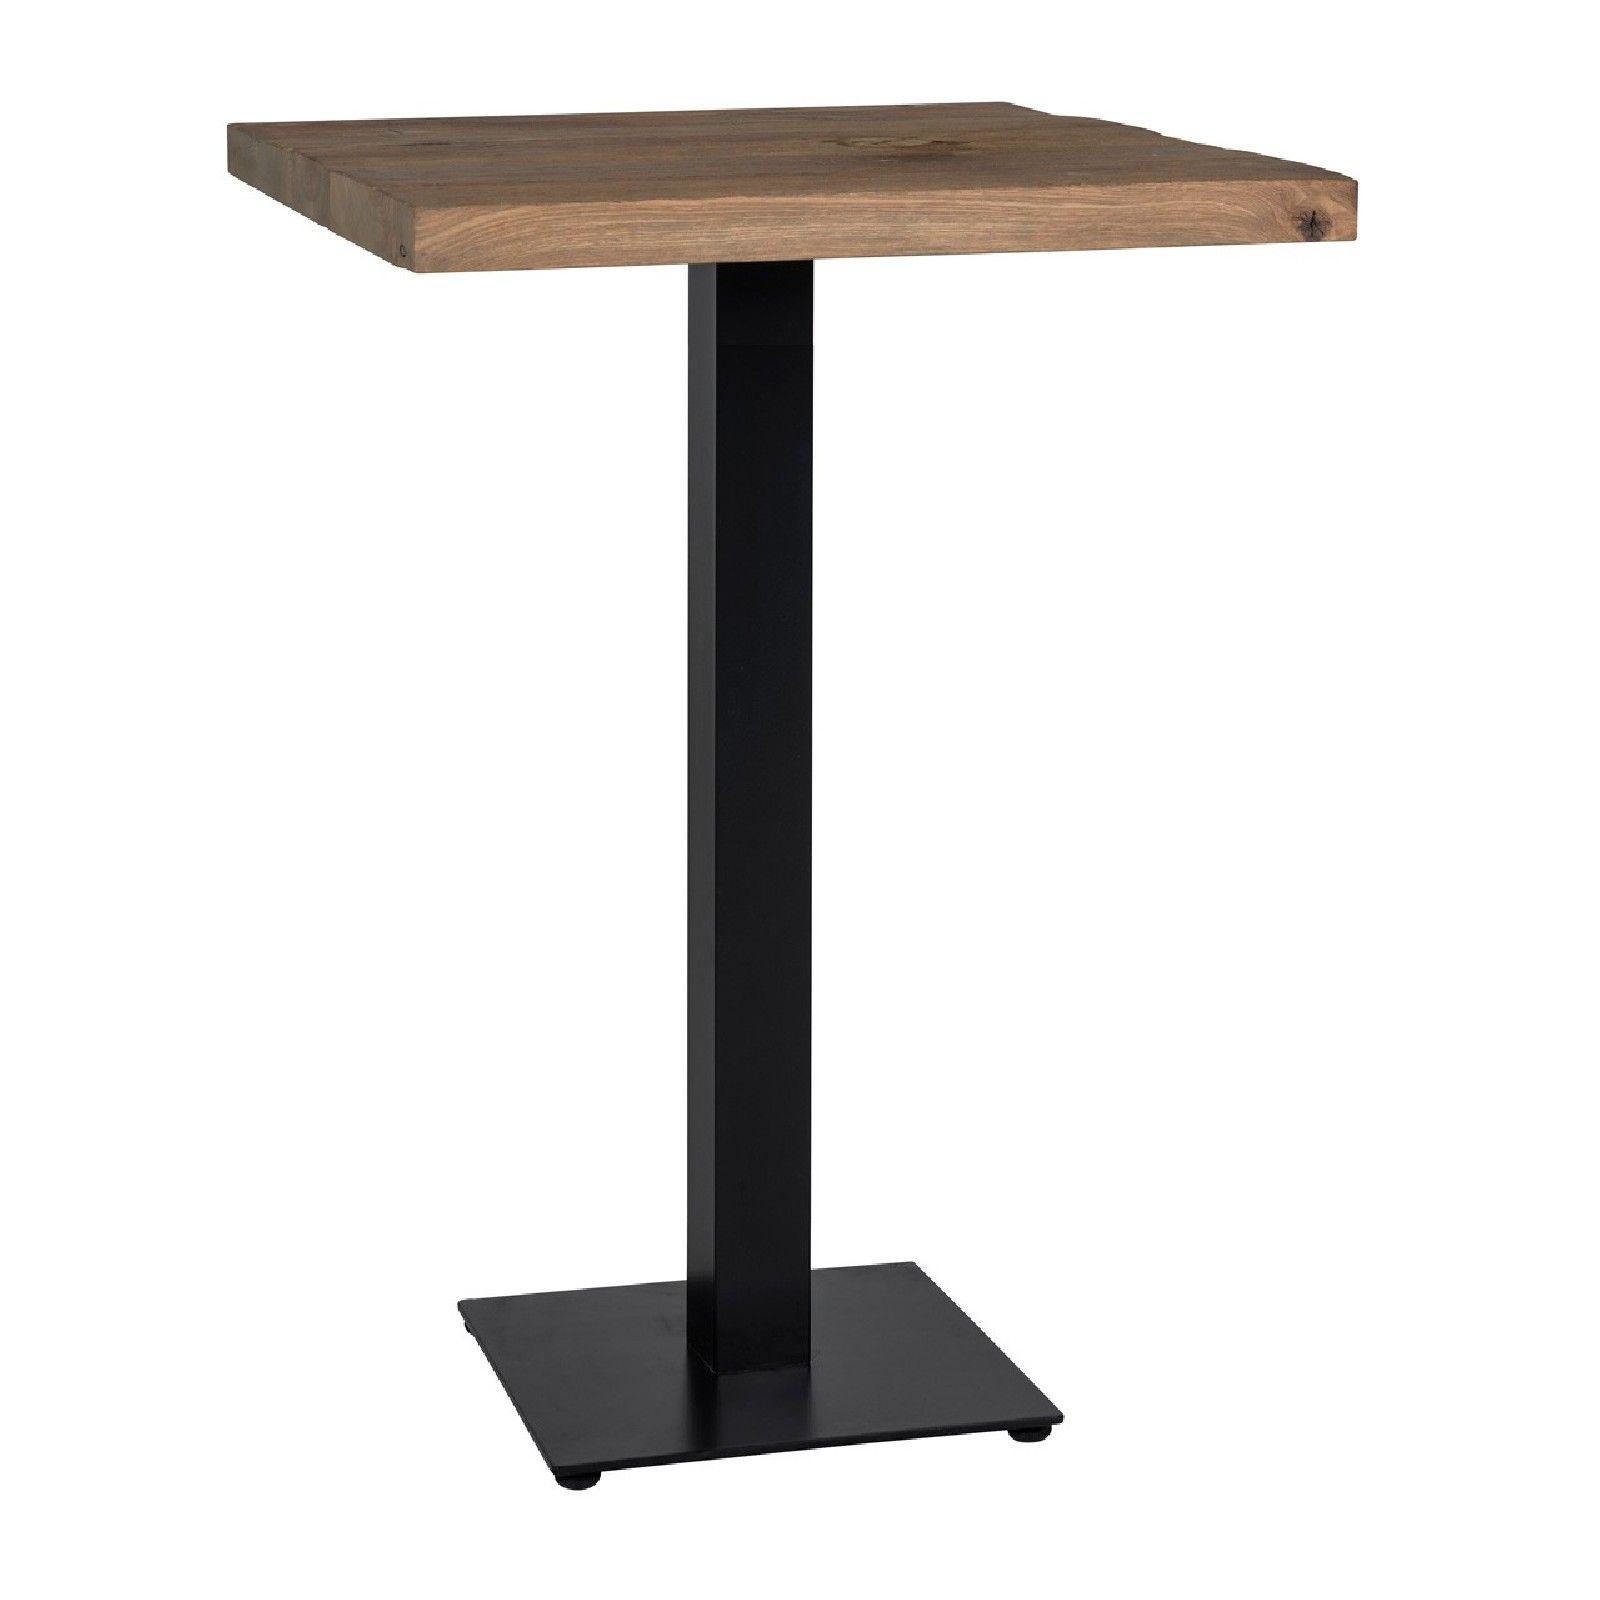 Table bistrot Gastronomy 80x80, un pied square Meuble Déco Tendance - 14